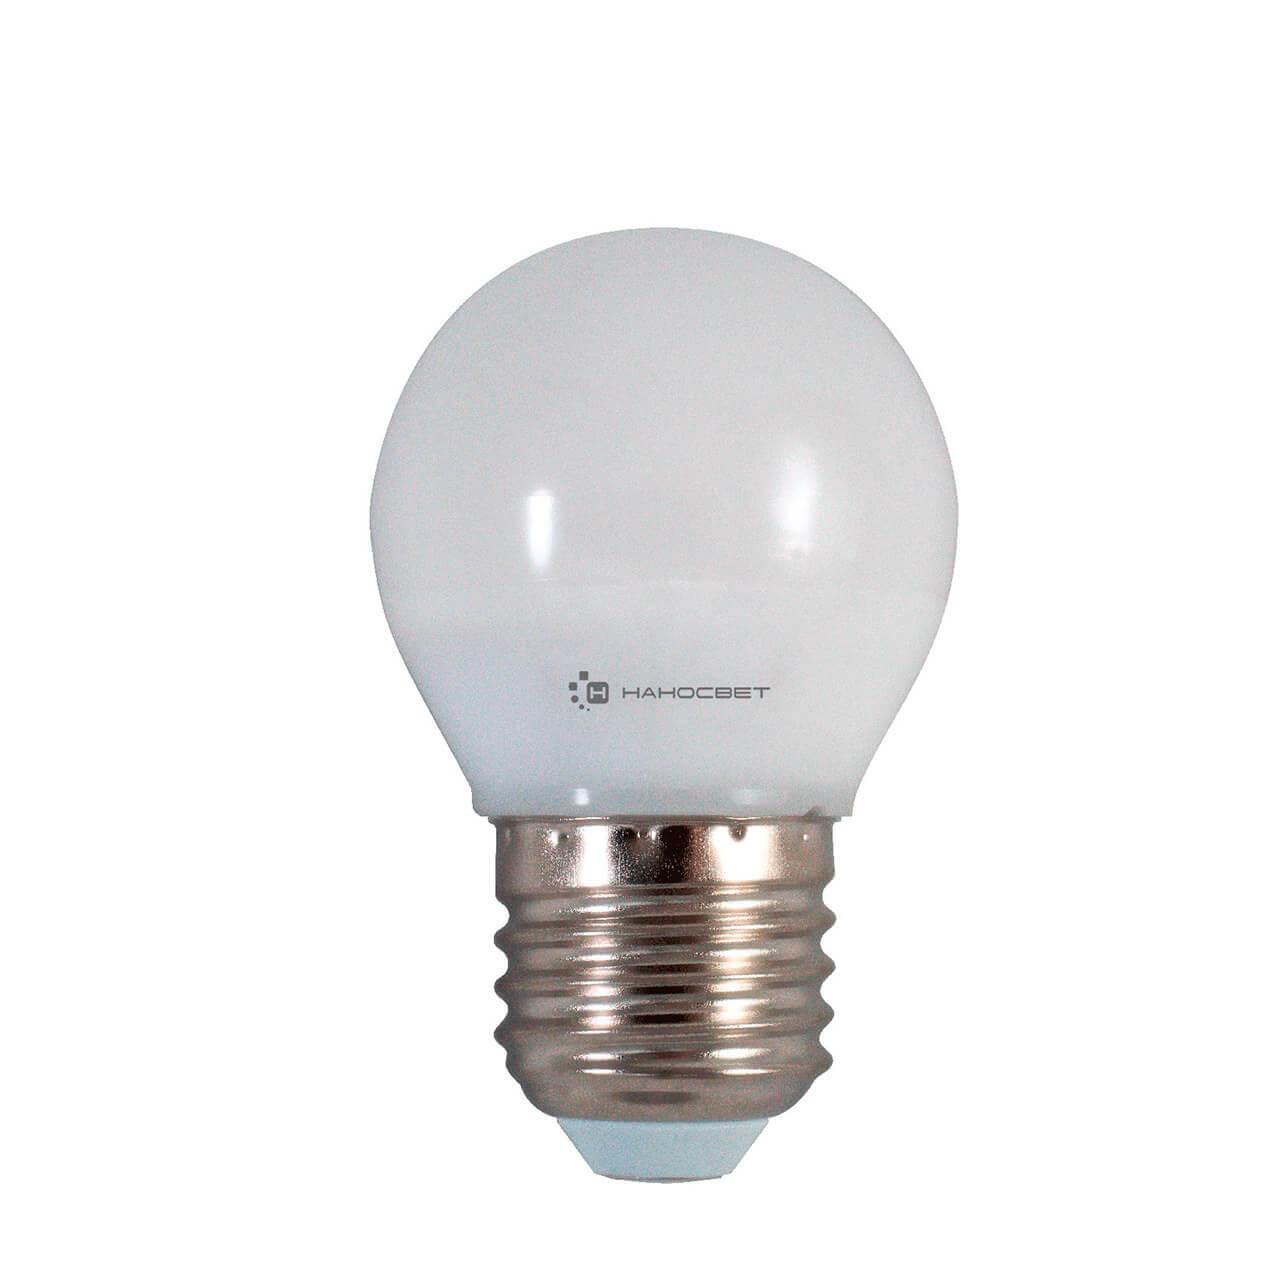 Лампа светодиодная Наносвет E27 6,5W 4000K матовая LE-P45-6.5/E27/840 L133 l133 icy cocktail